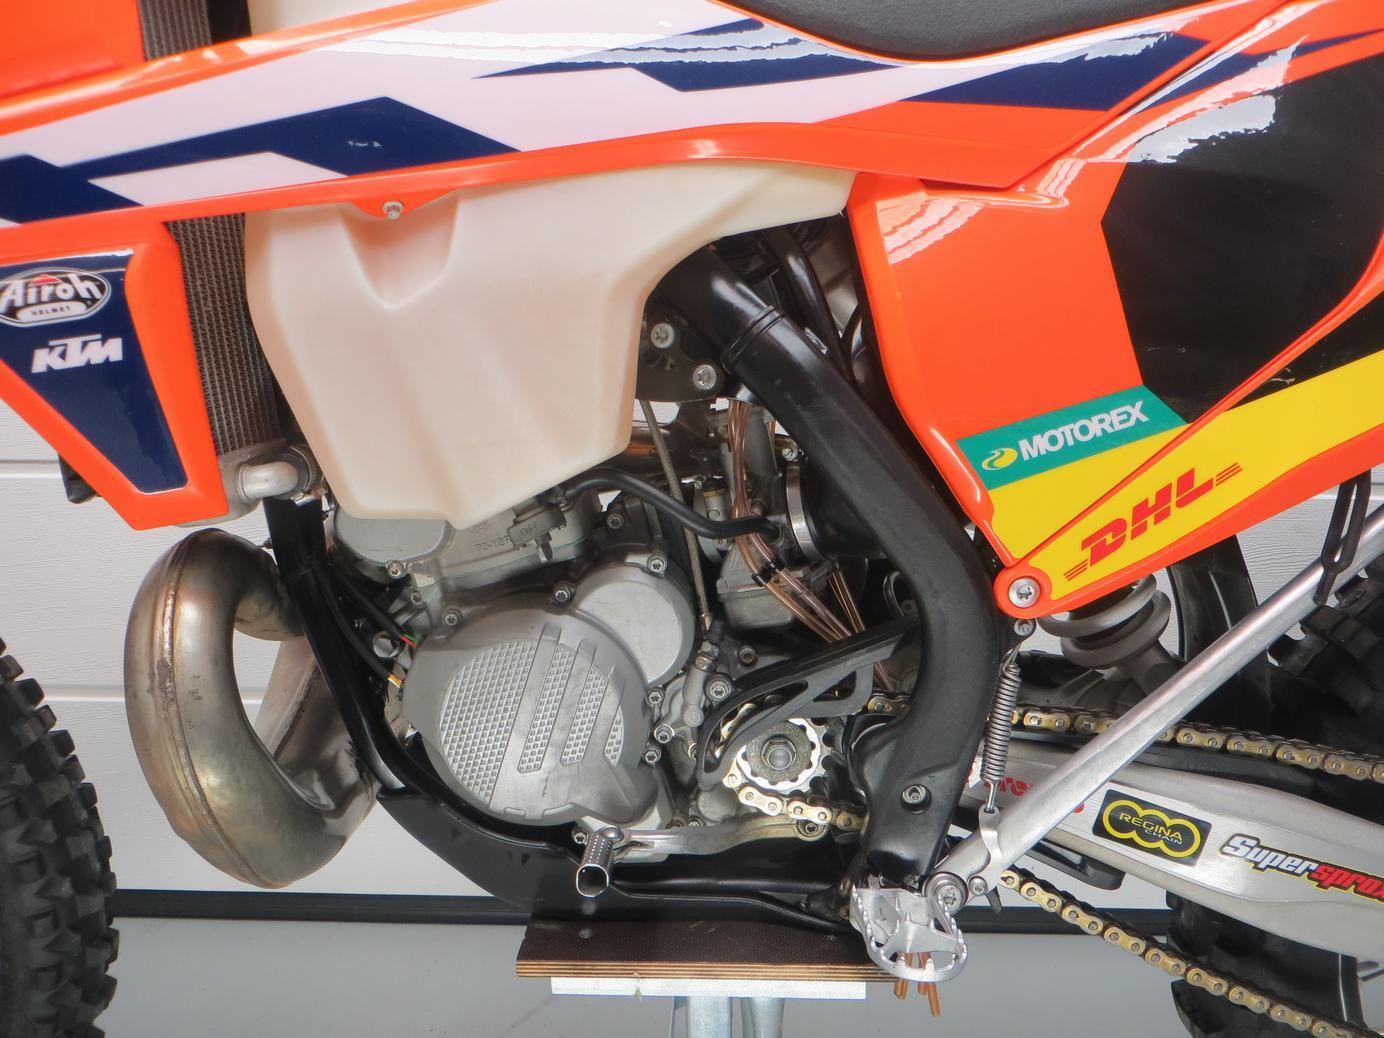 KTM - 300 EXC